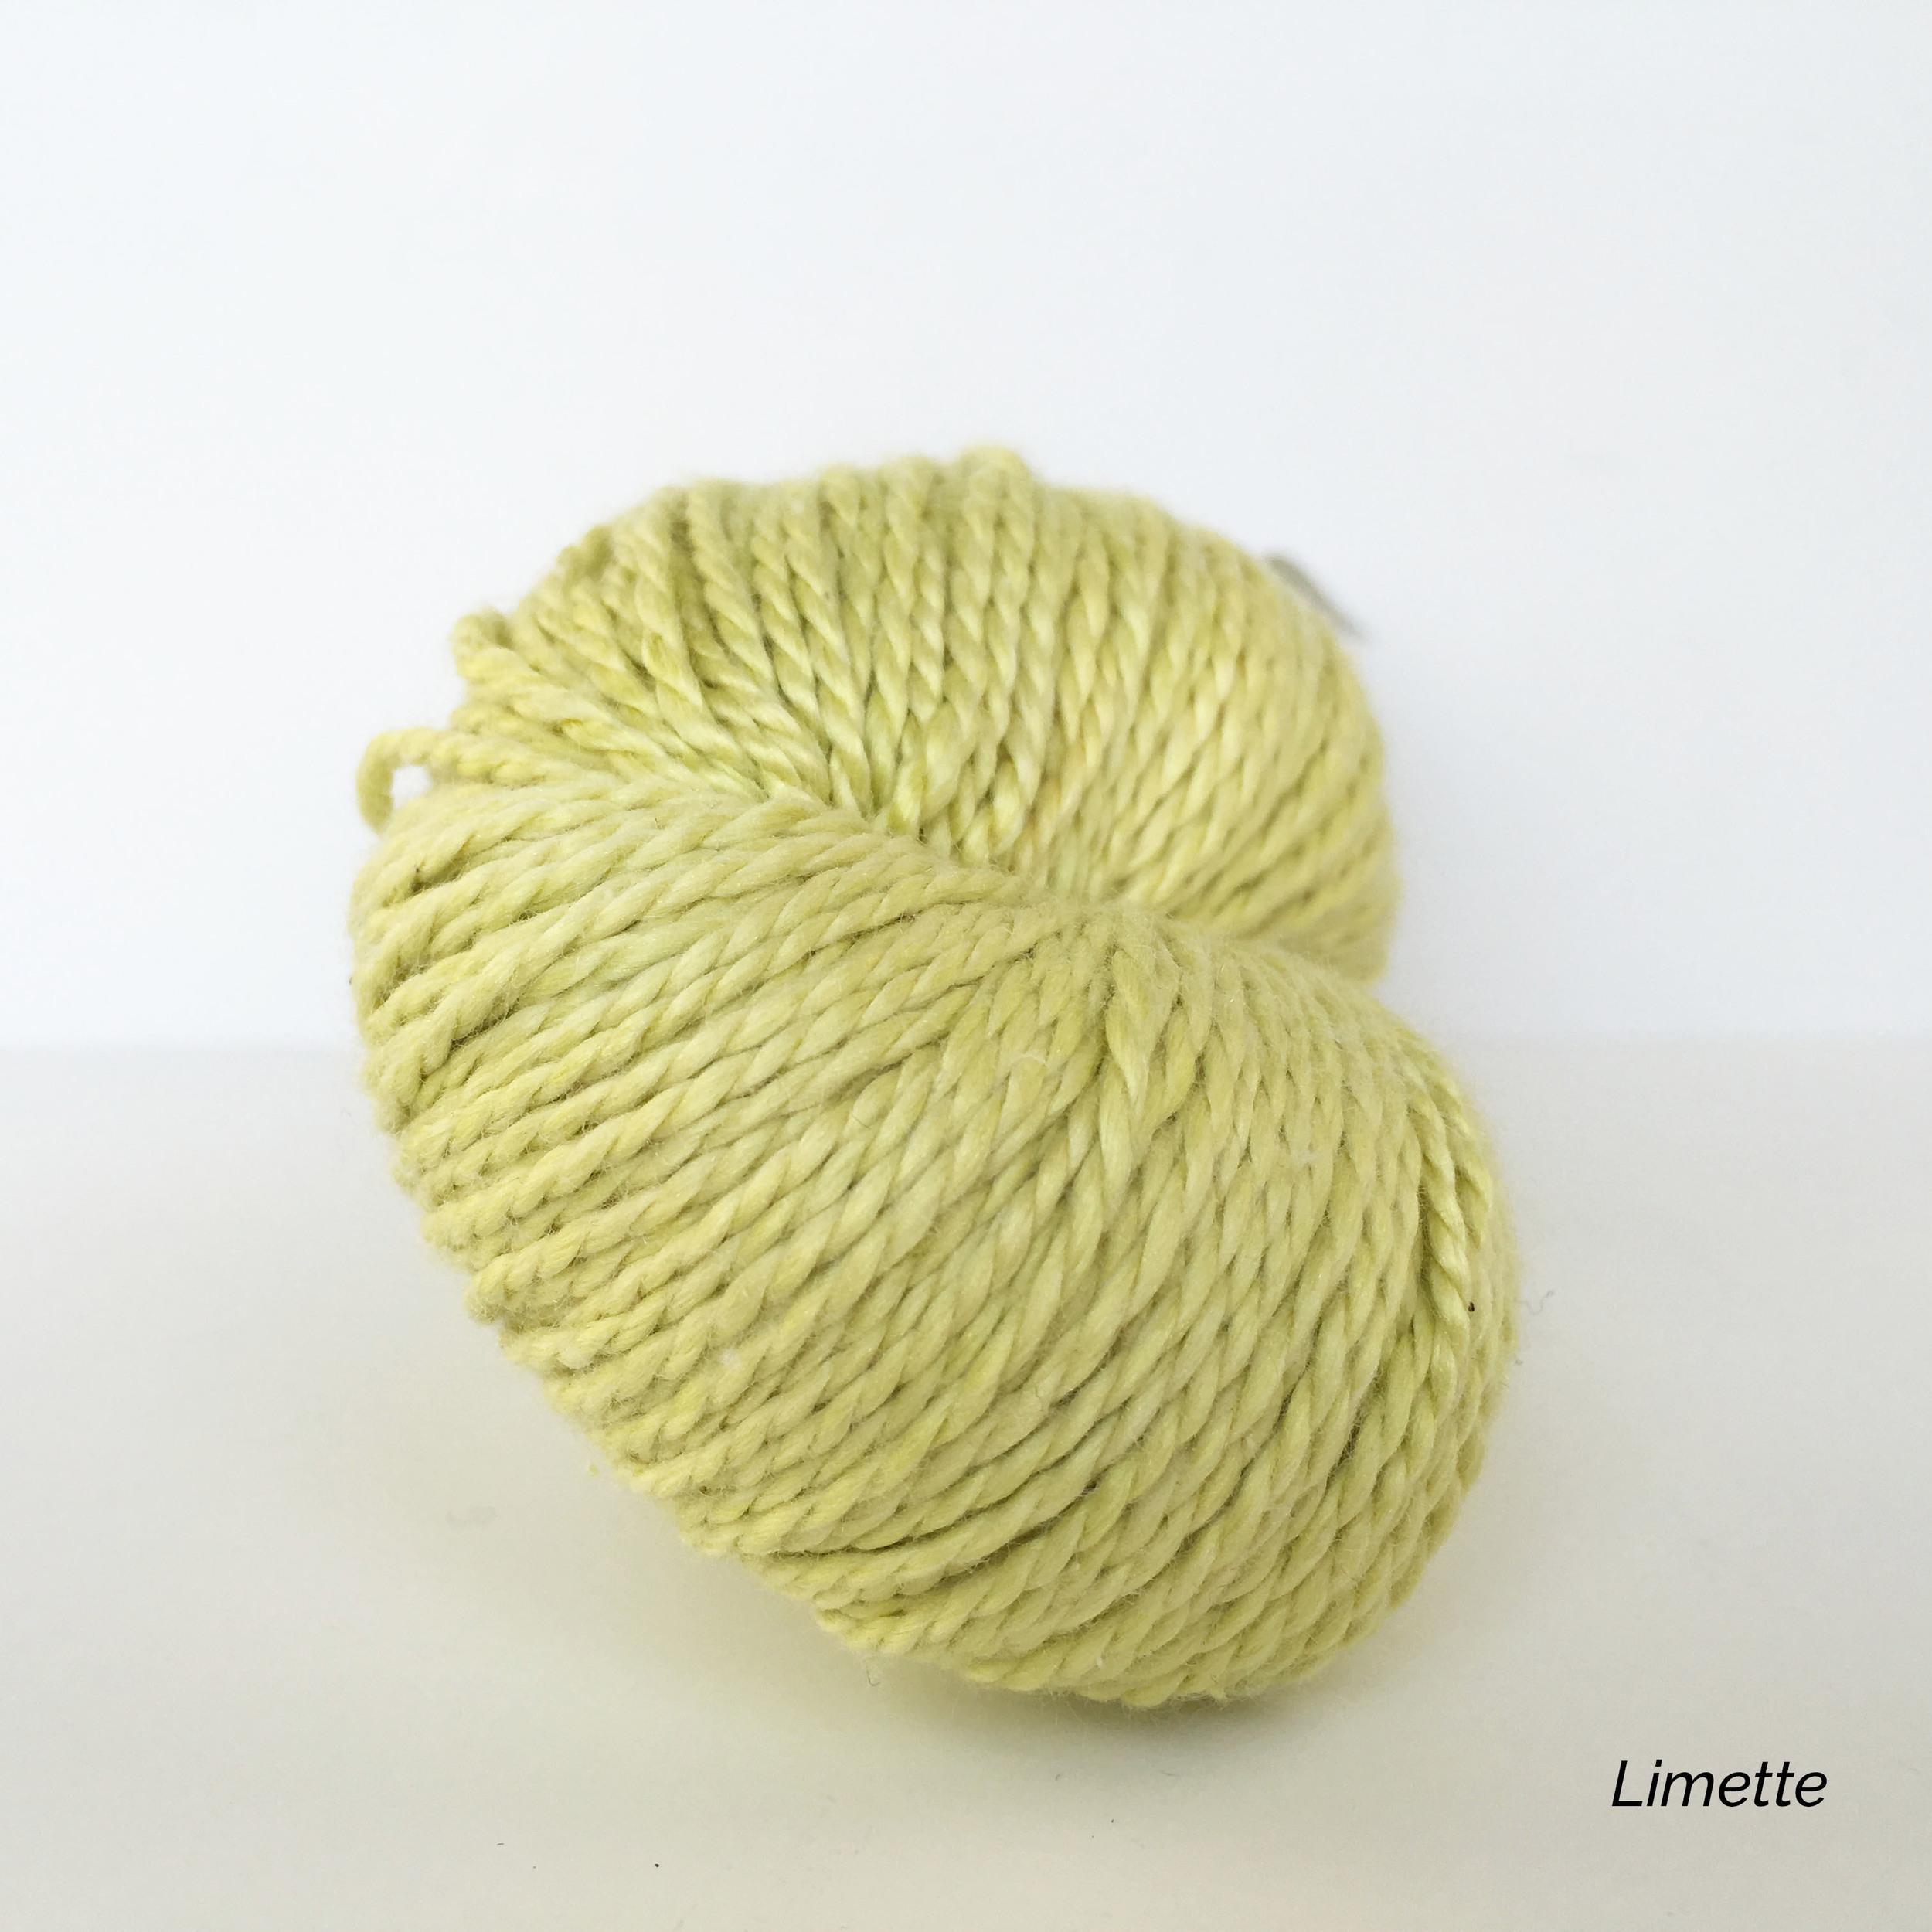 Limette.jpg